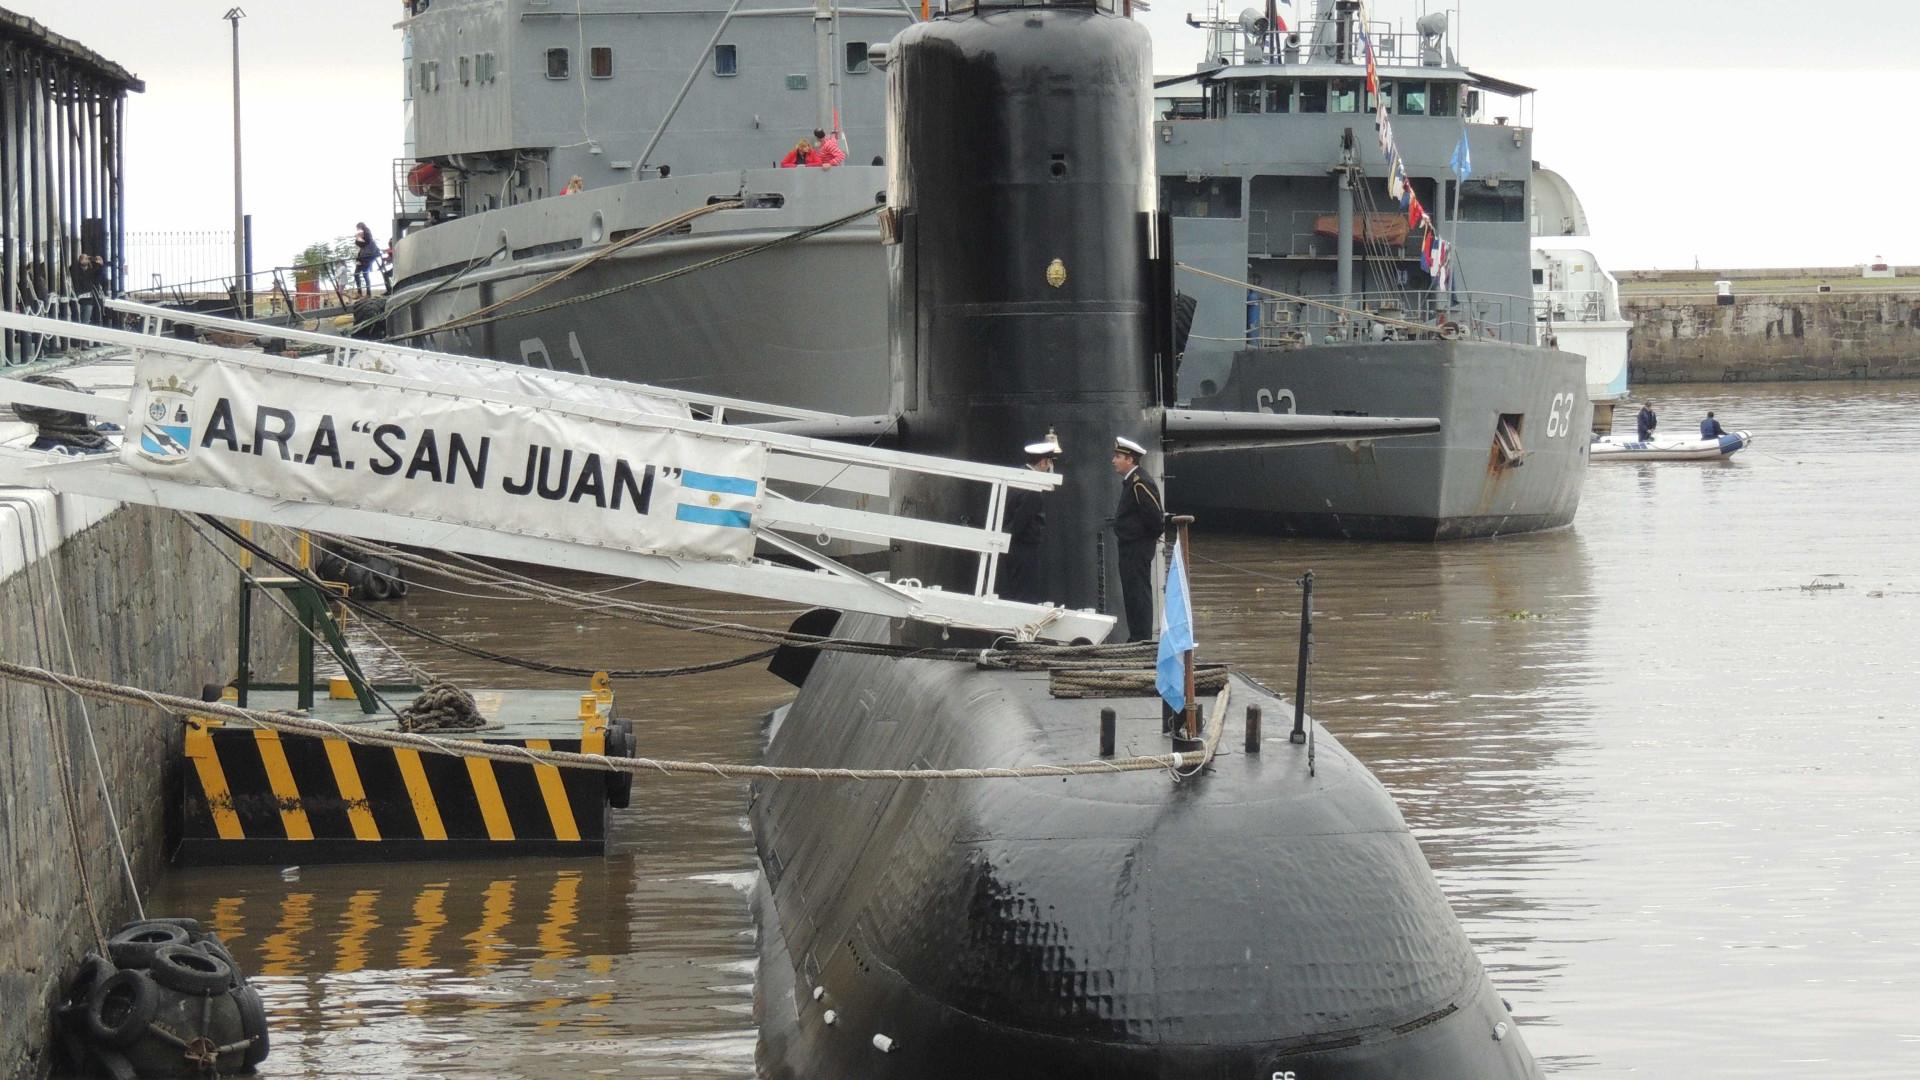 Ministério da Defesa recebe supostos sinais de submarino desaparecido